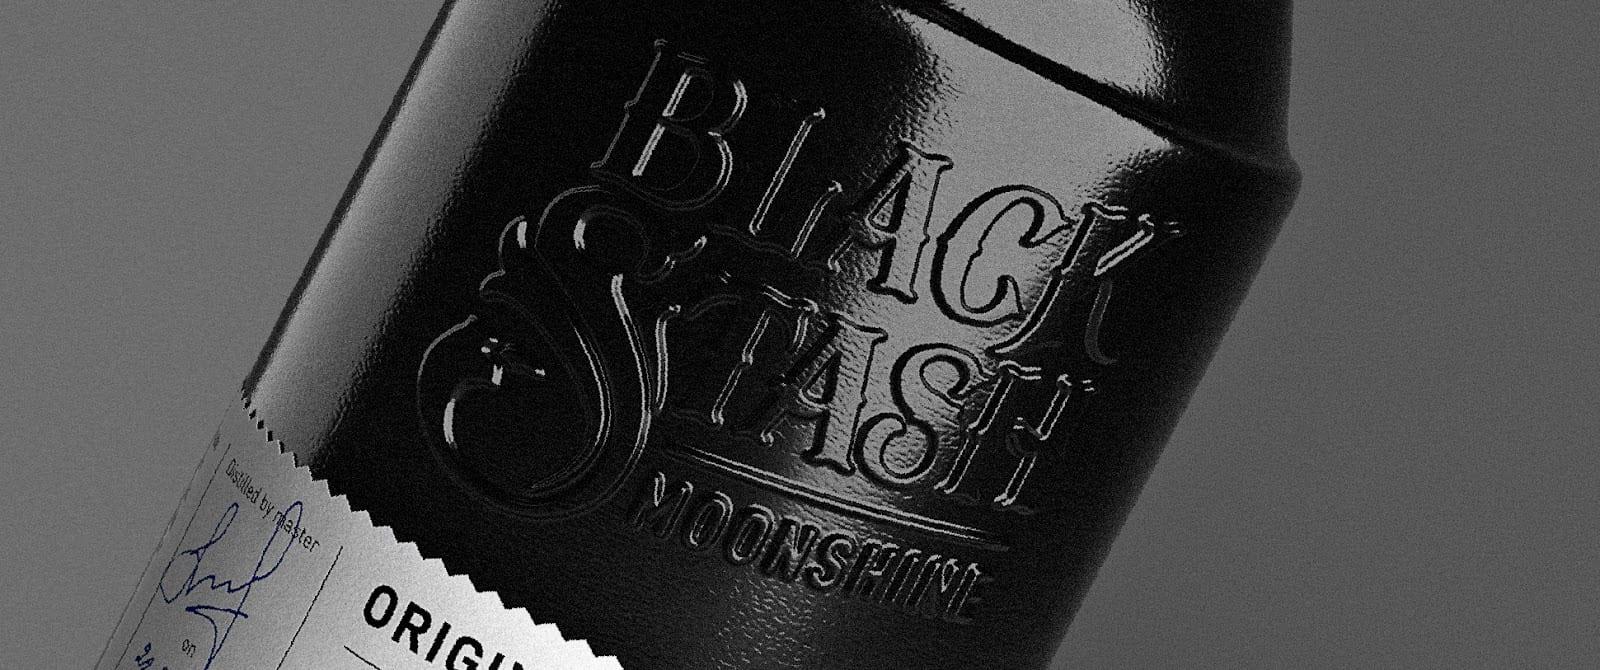 Black Stash 4 - Nový koncept obalu Black Stash